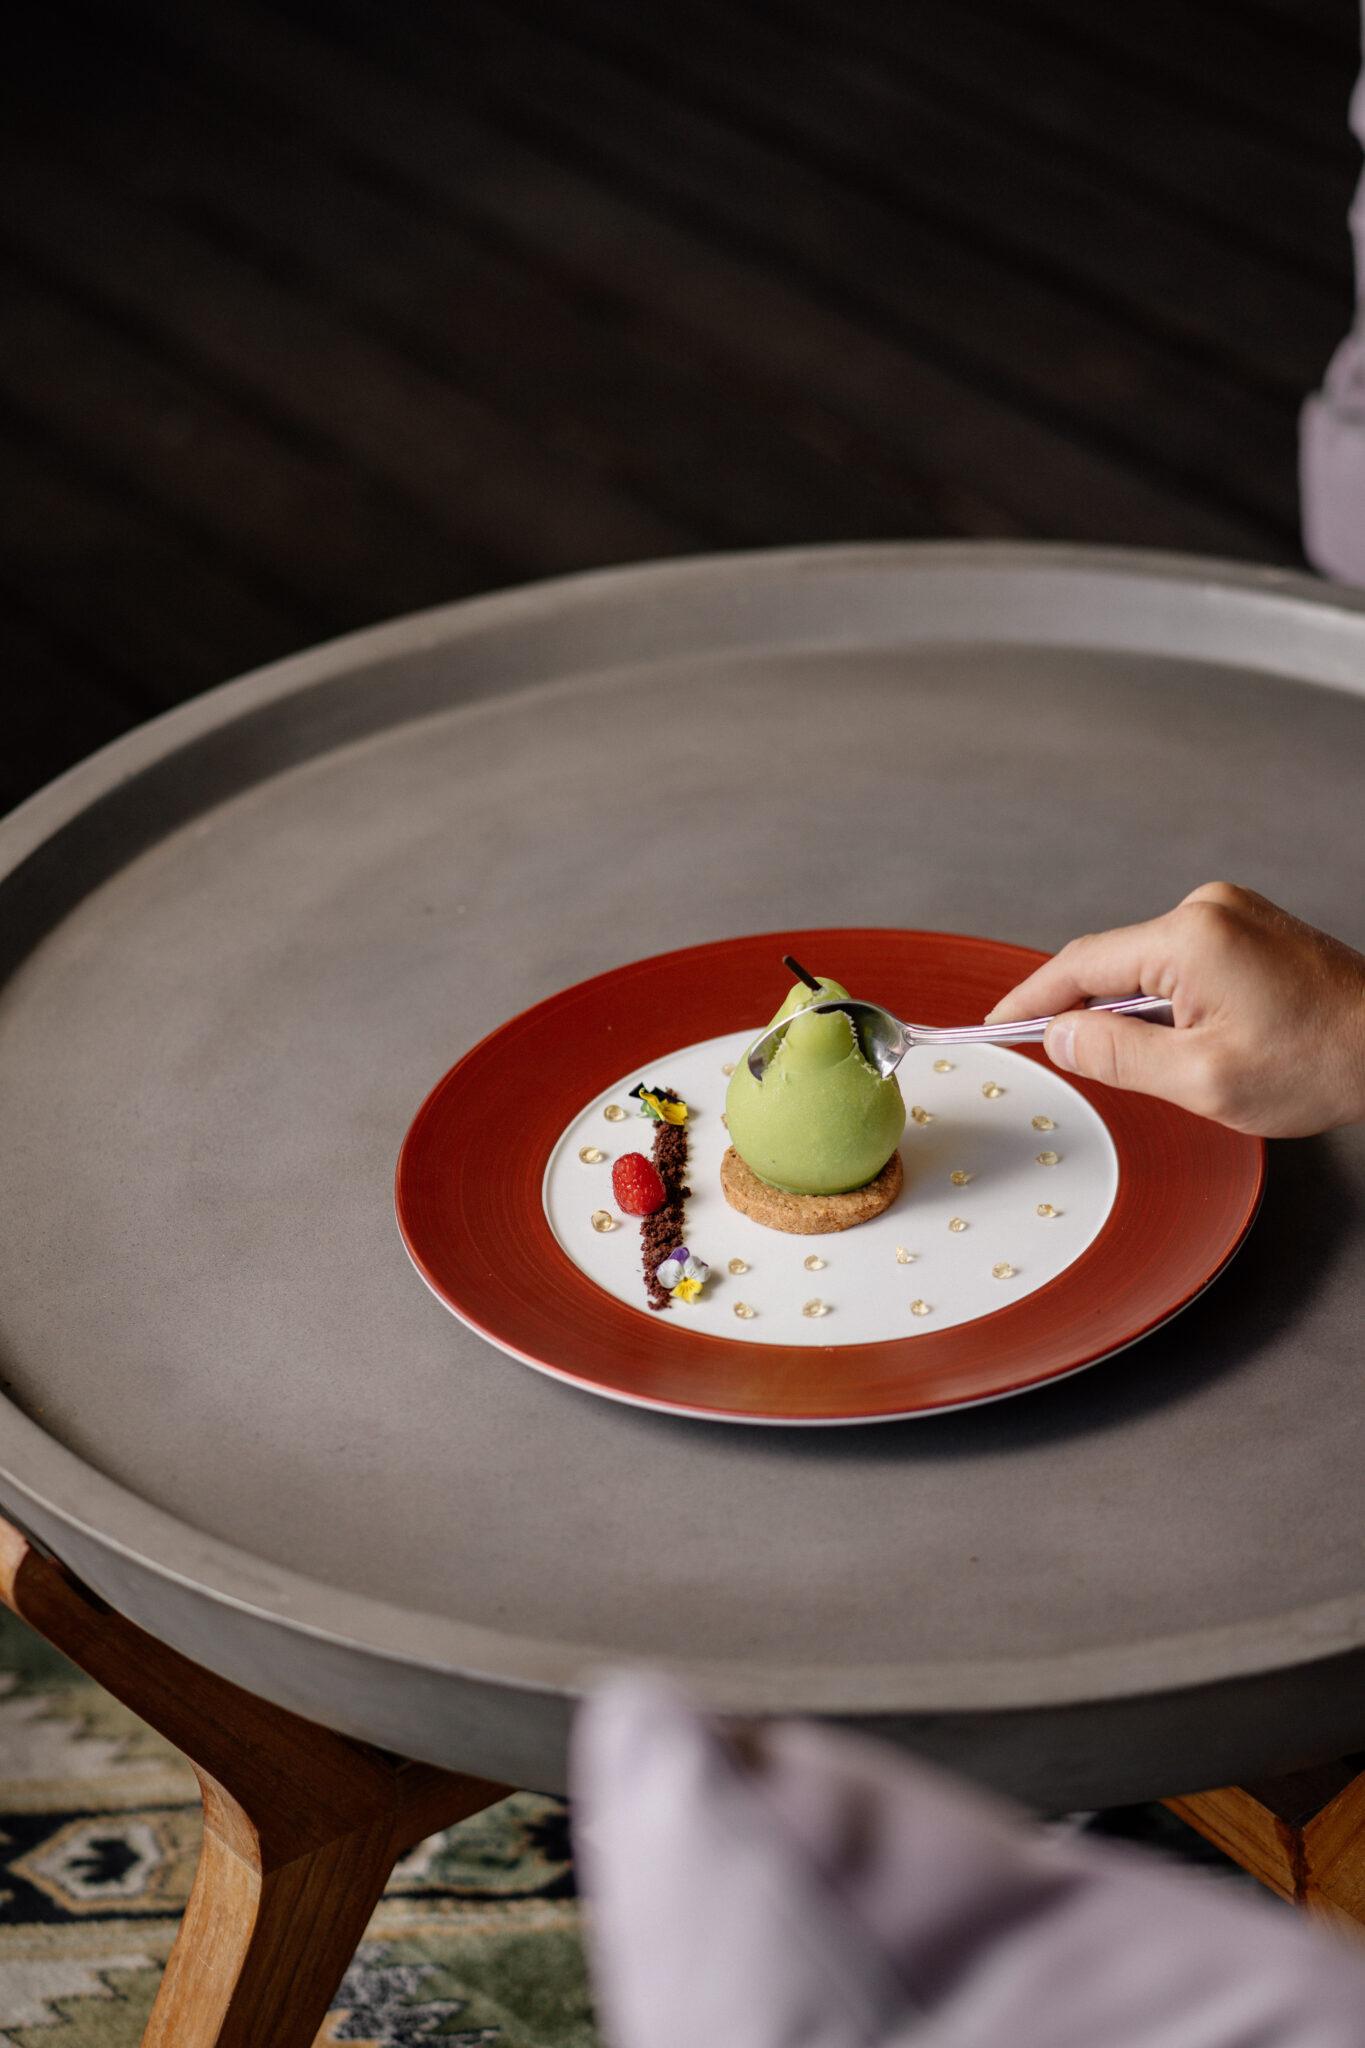 restaurant dessert pear